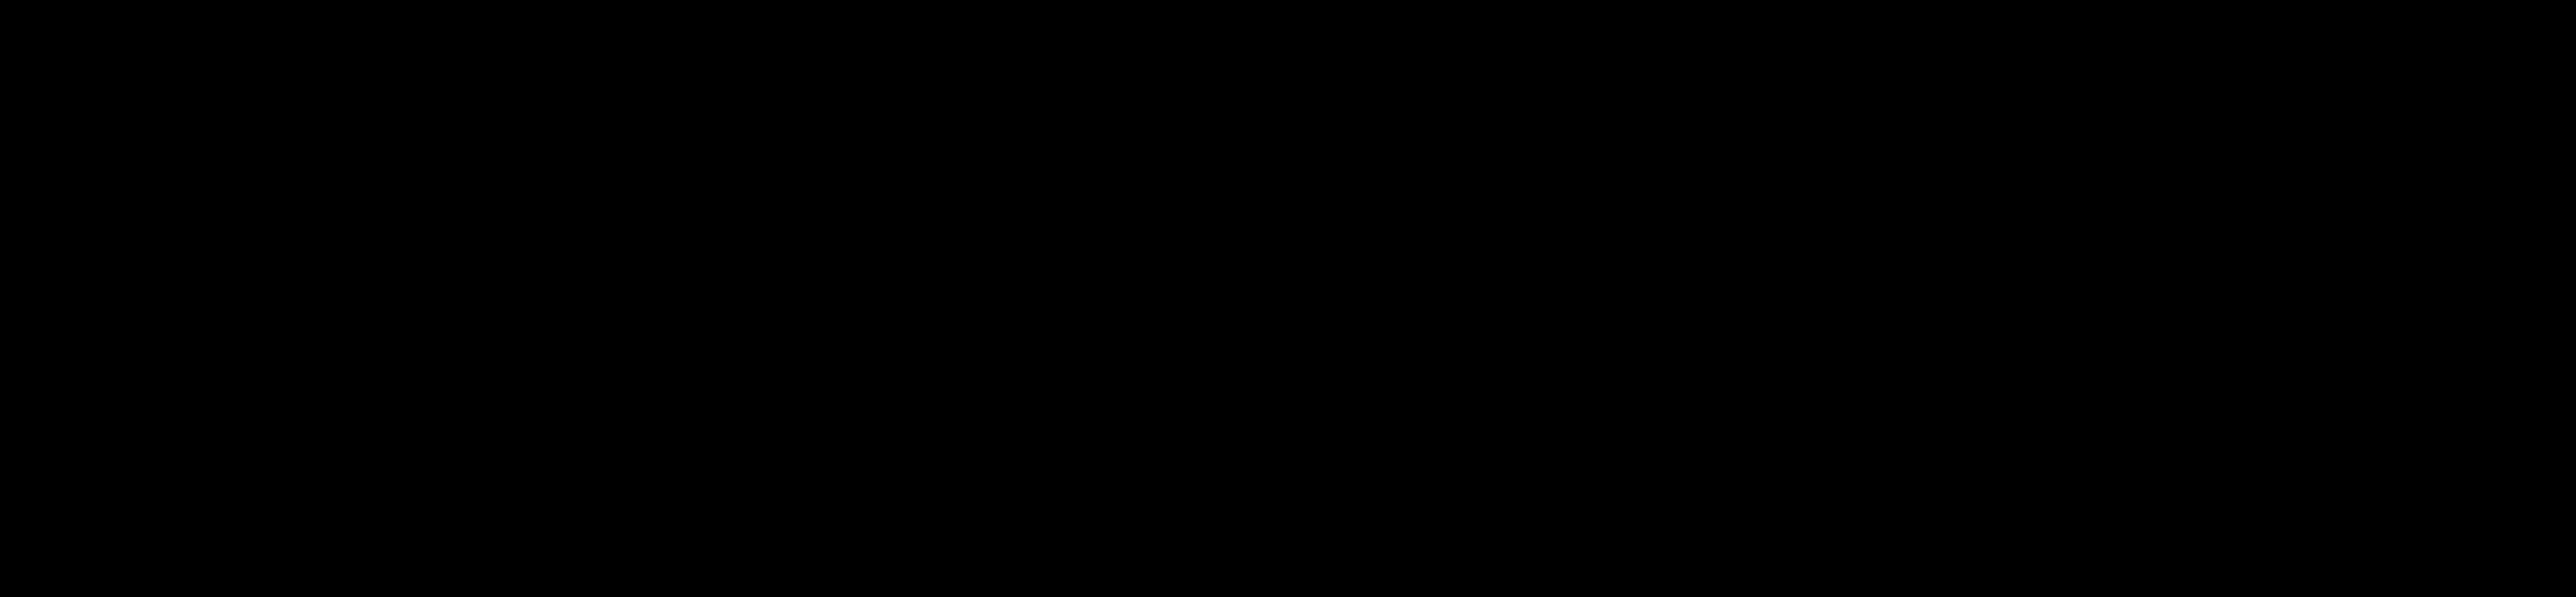 Výsledek obrázku pro zyxel logo